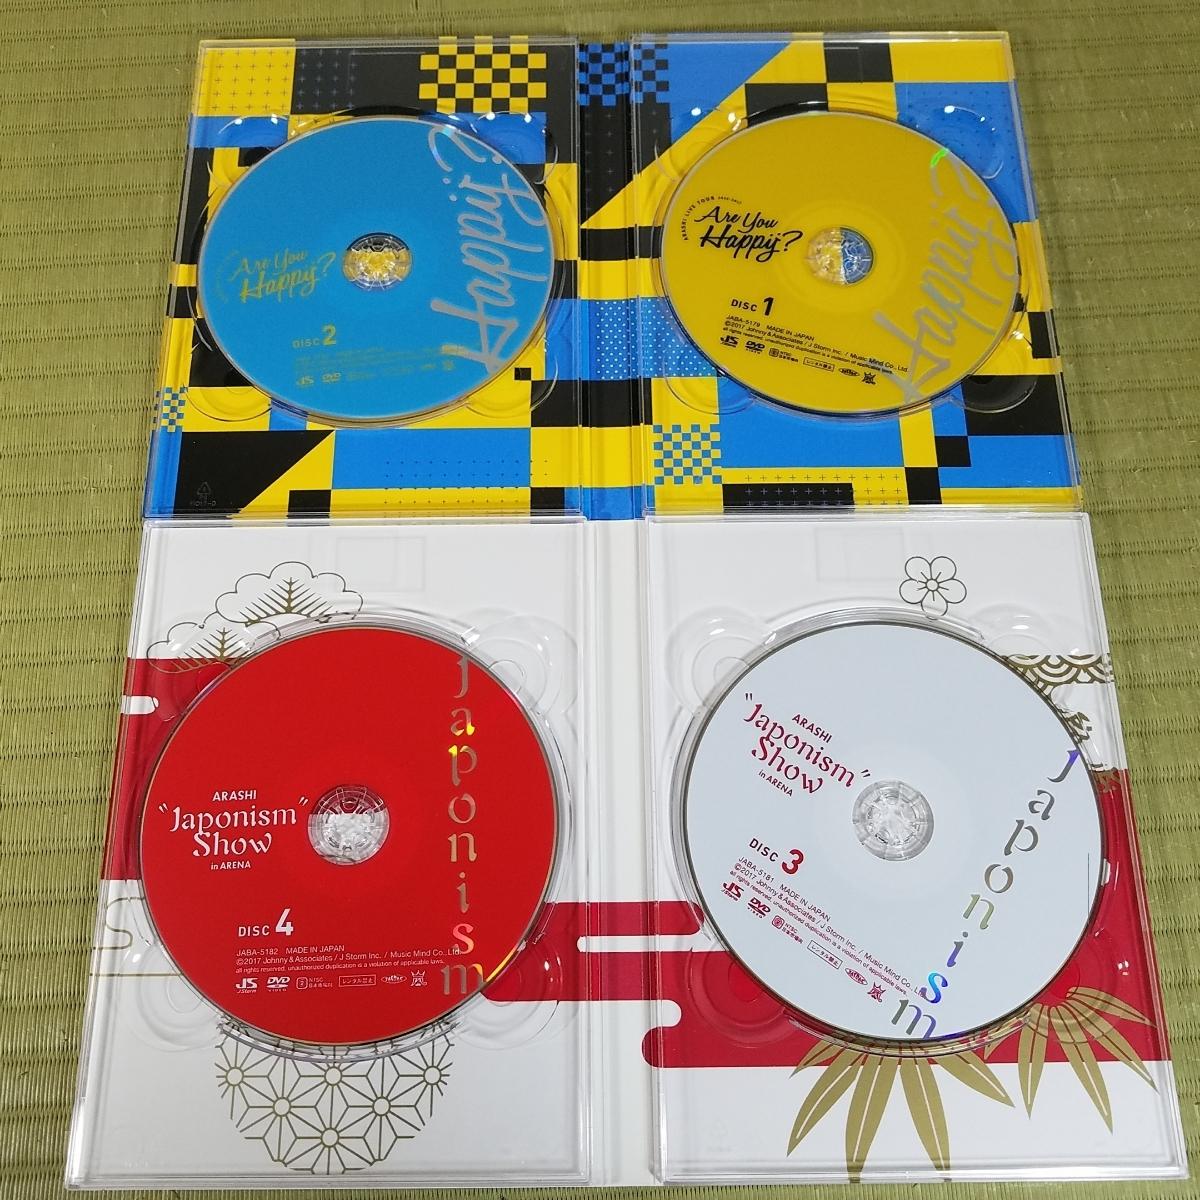 ▲嵐 DVD ARASHI LIVE TOUR 2016-2017 Are You Happy? 初回限定盤(4DVD+ブックレット) 中古品 _画像6